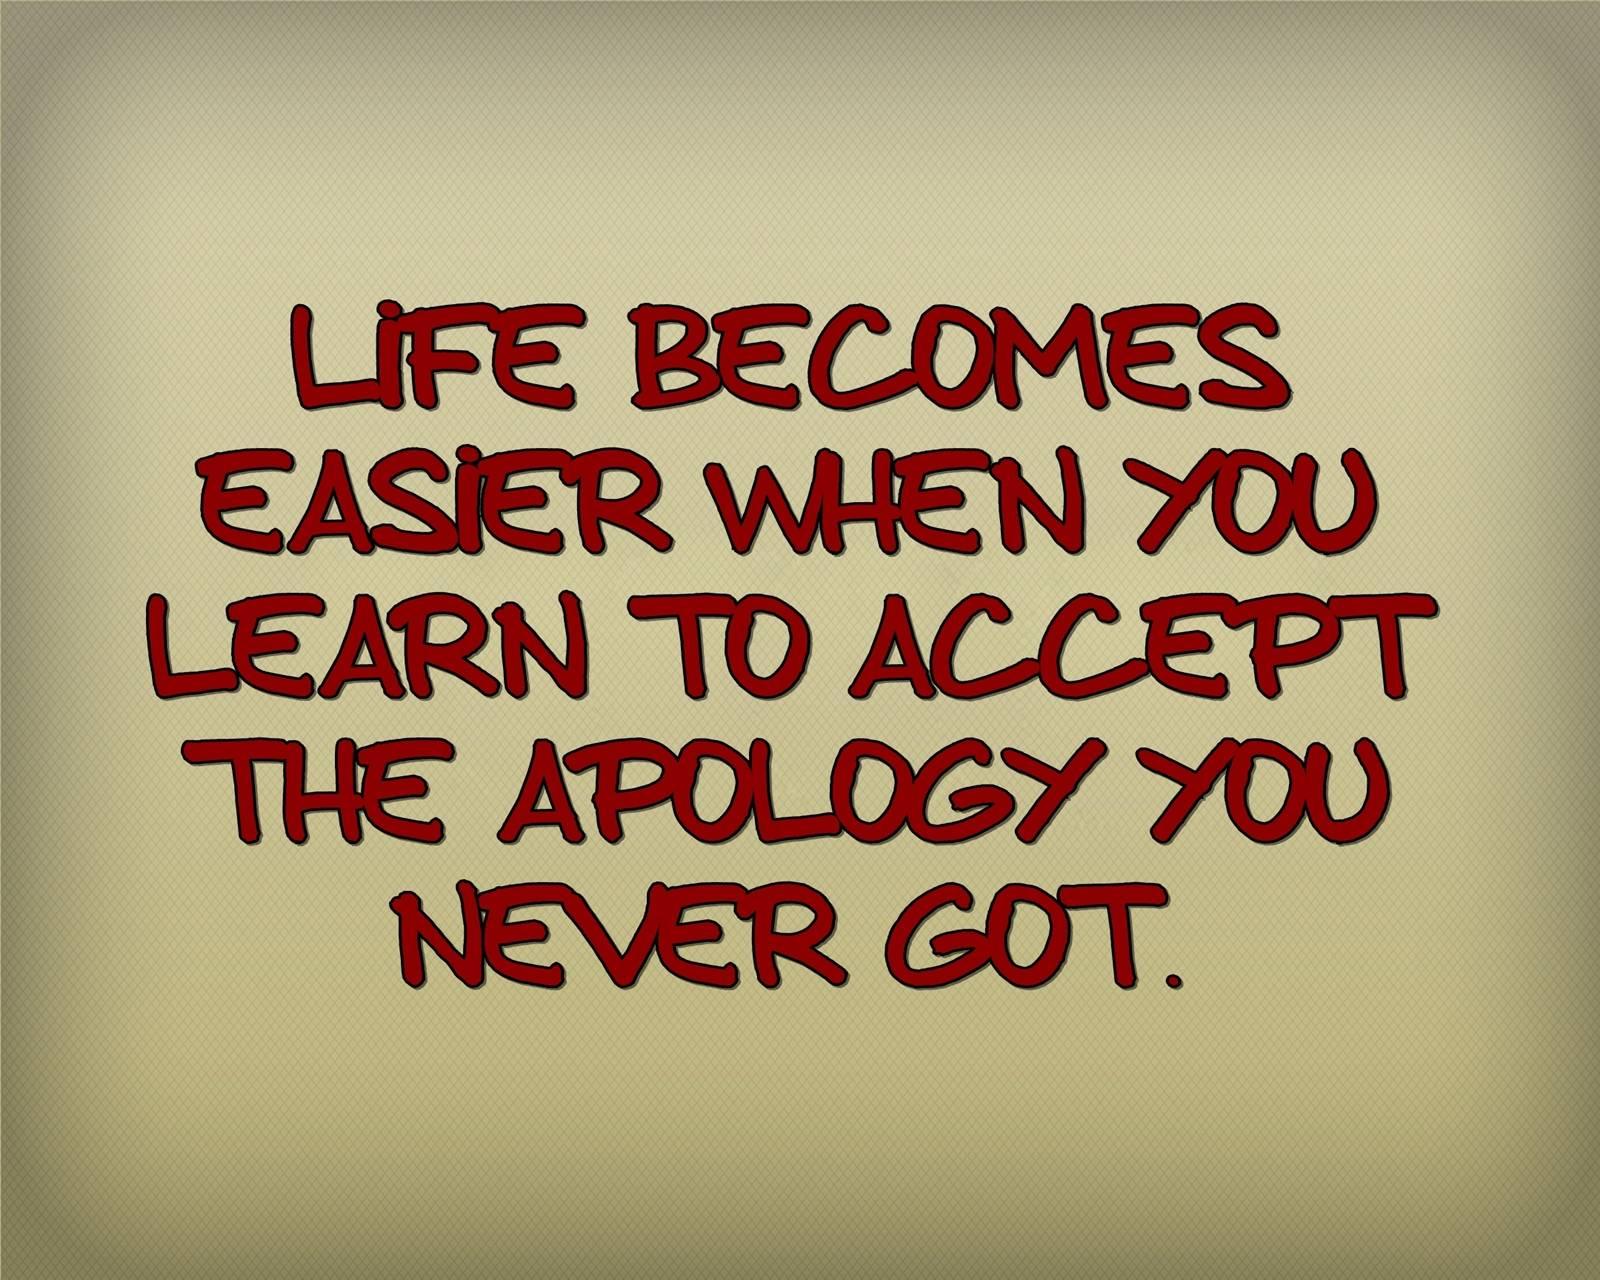 never got